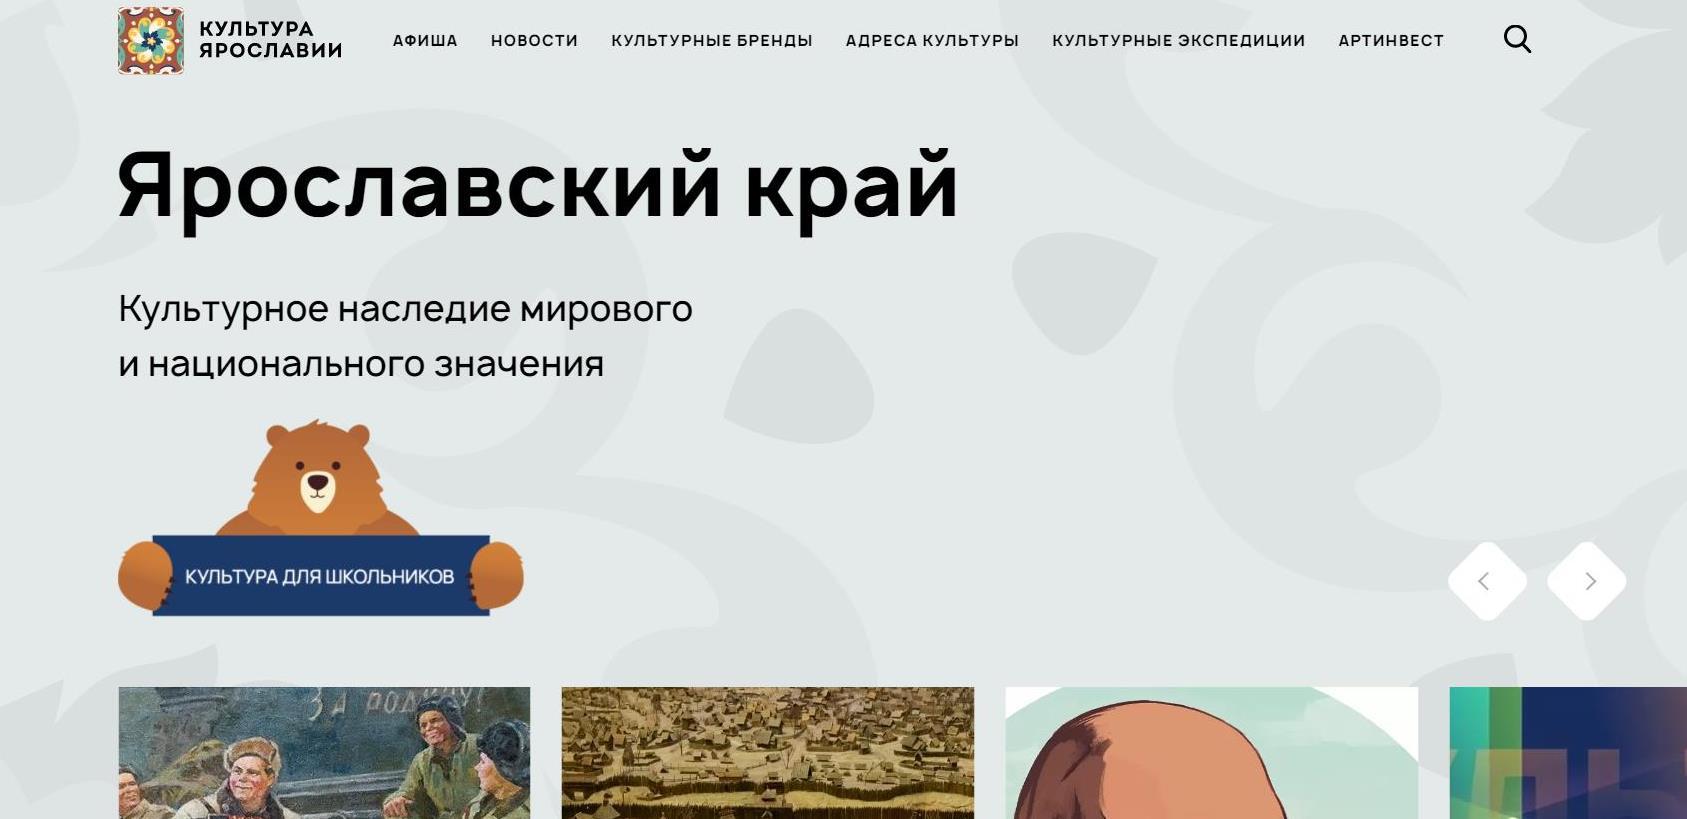 Культурный дневник для школьников разработан в Ярославской области